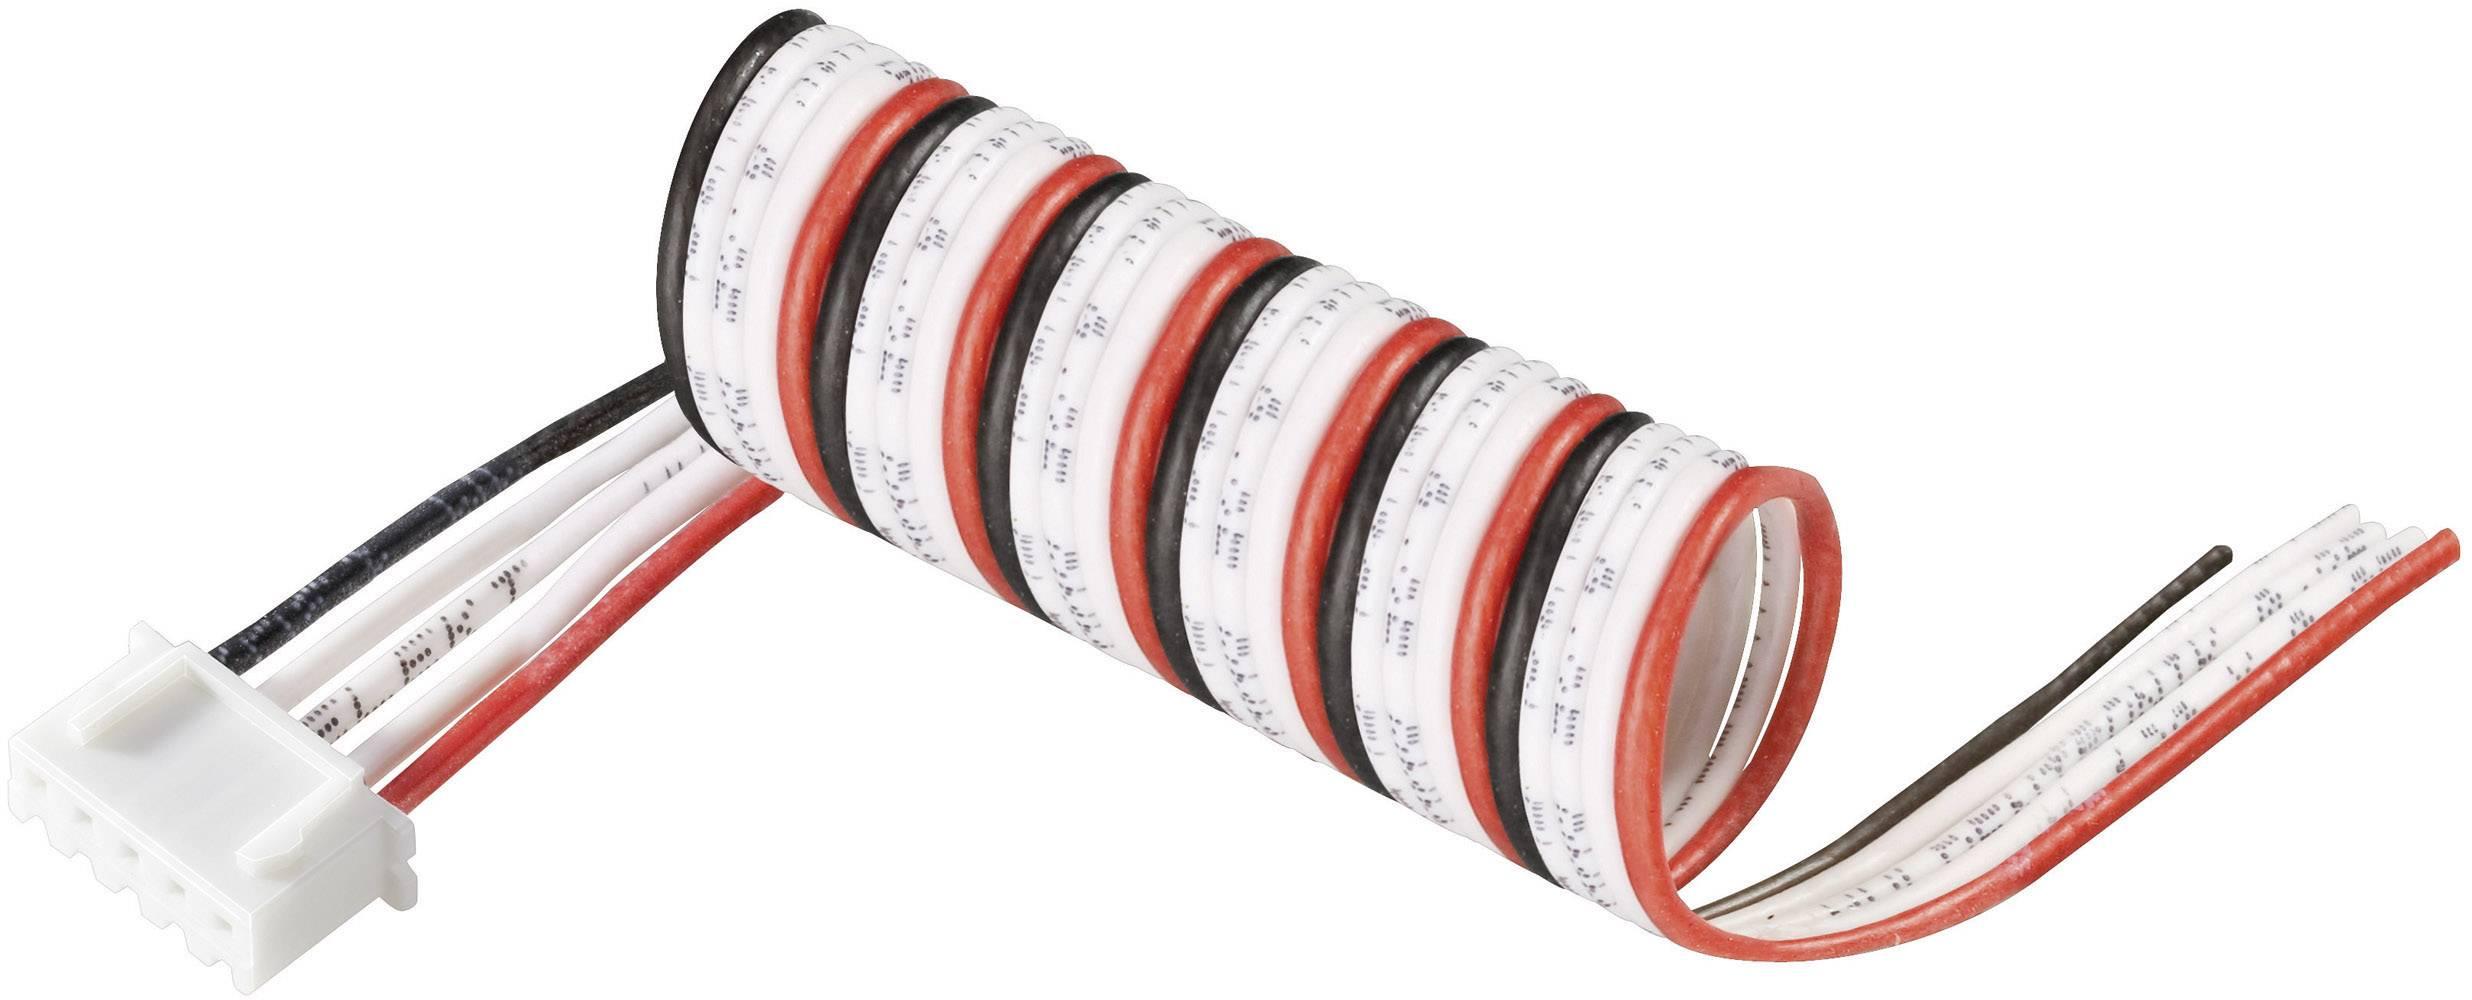 Připojovací kabel Modelcraft, pro 4 LiPol články, zásuvka XH